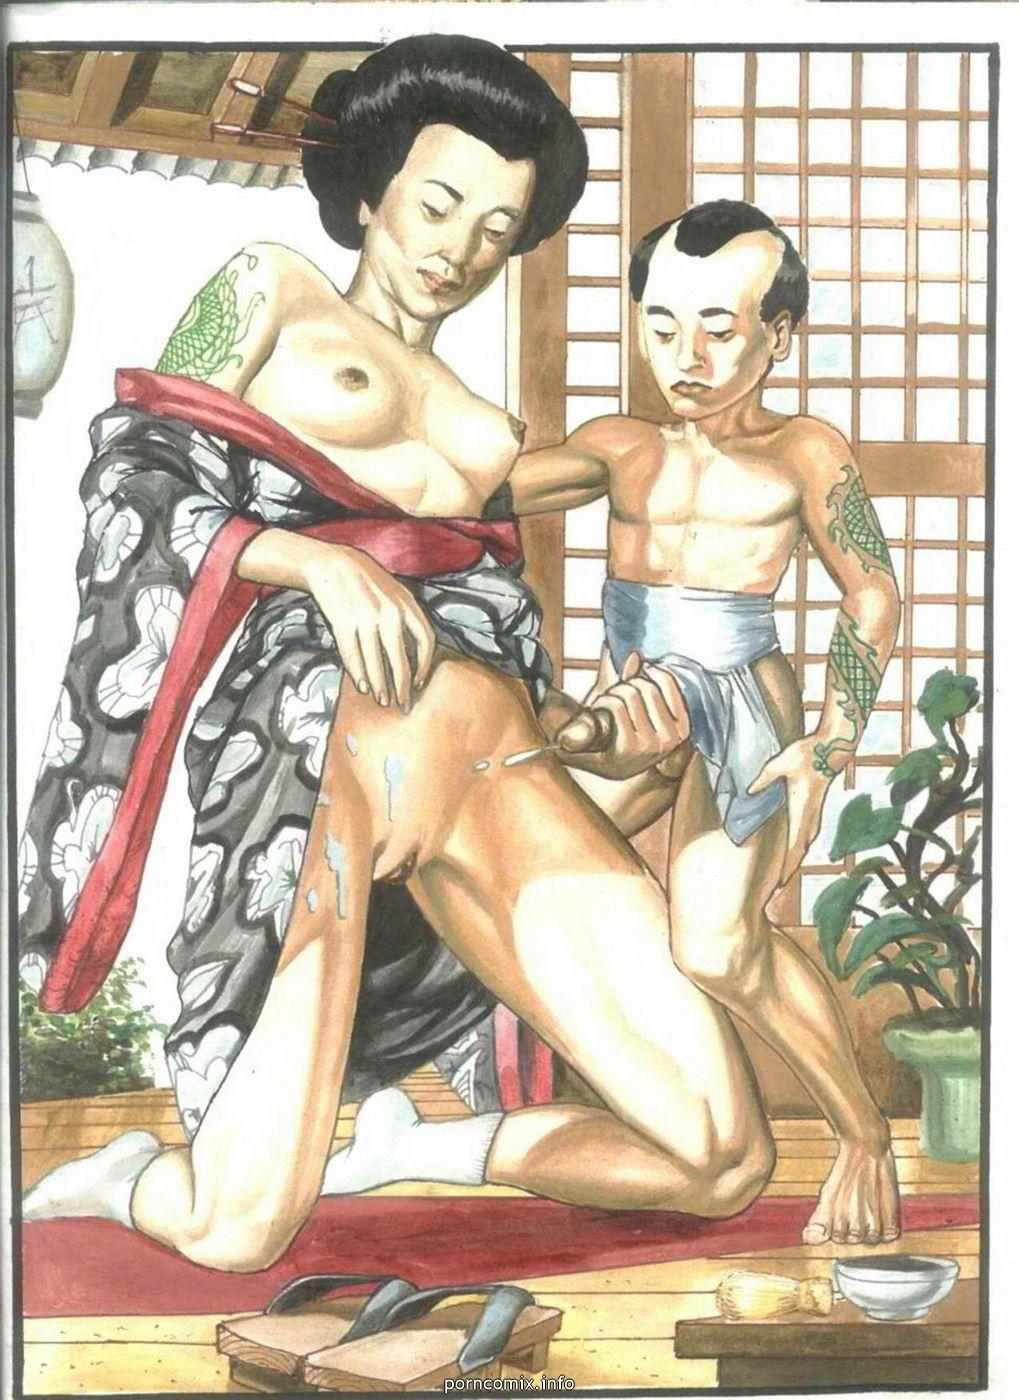 retro-yaponskiy-intsest-porno